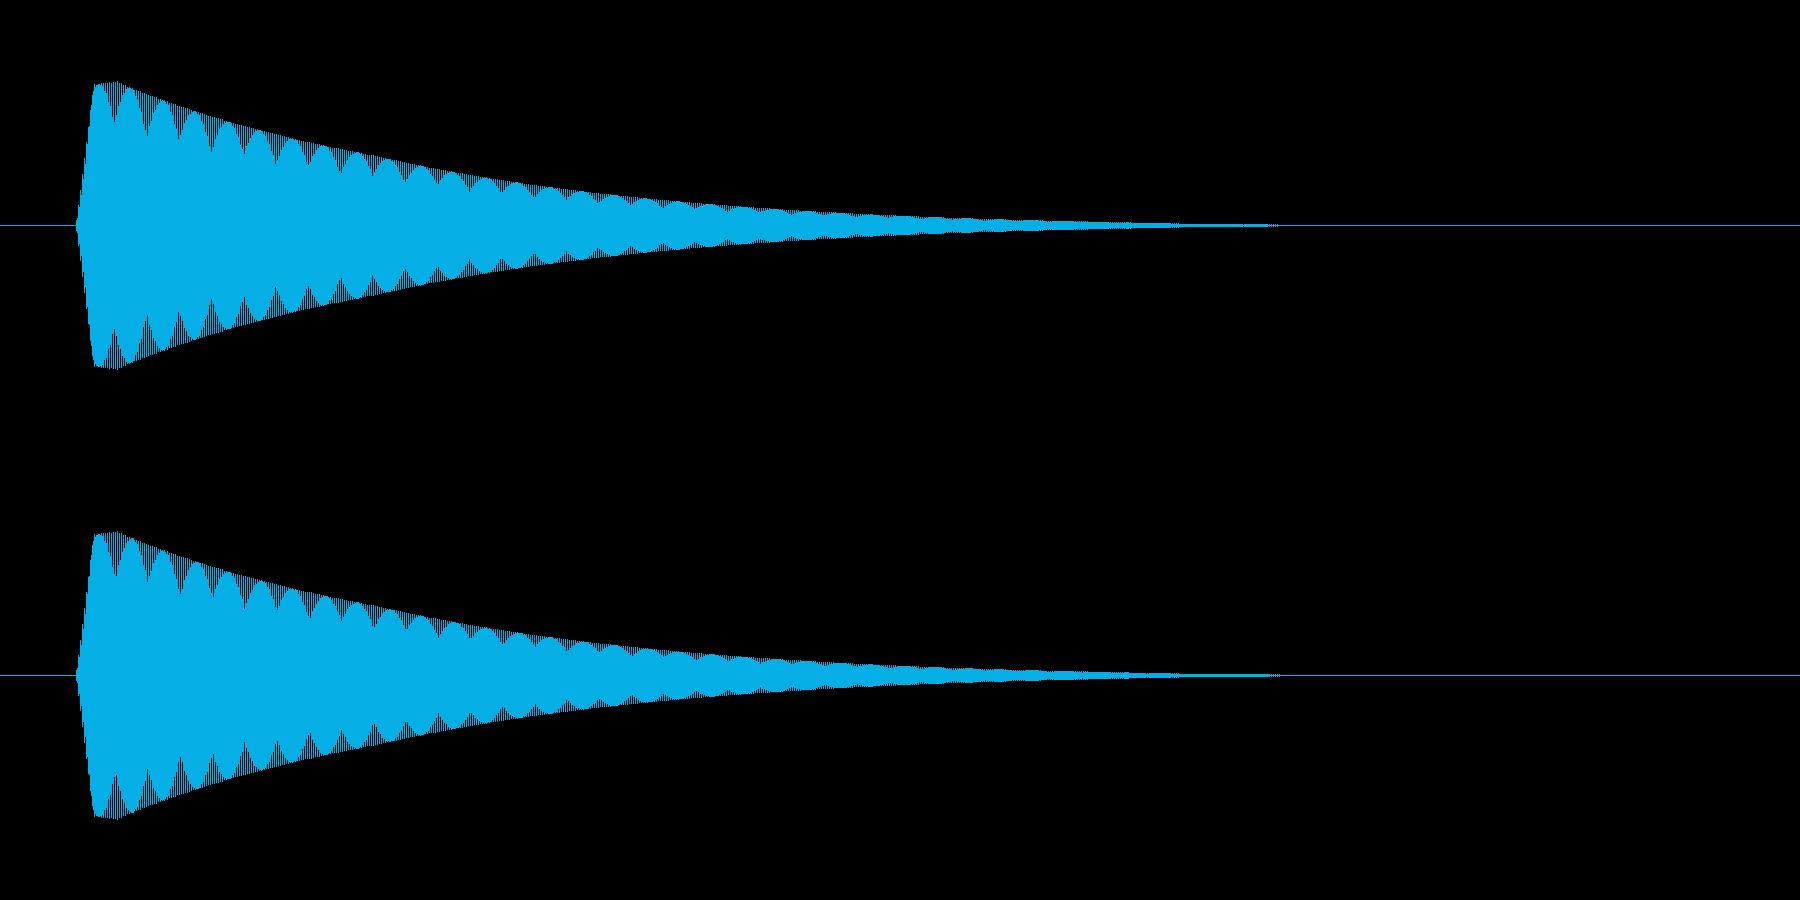 ポン 高【カーソル音:おしゃれで綺麗】の再生済みの波形